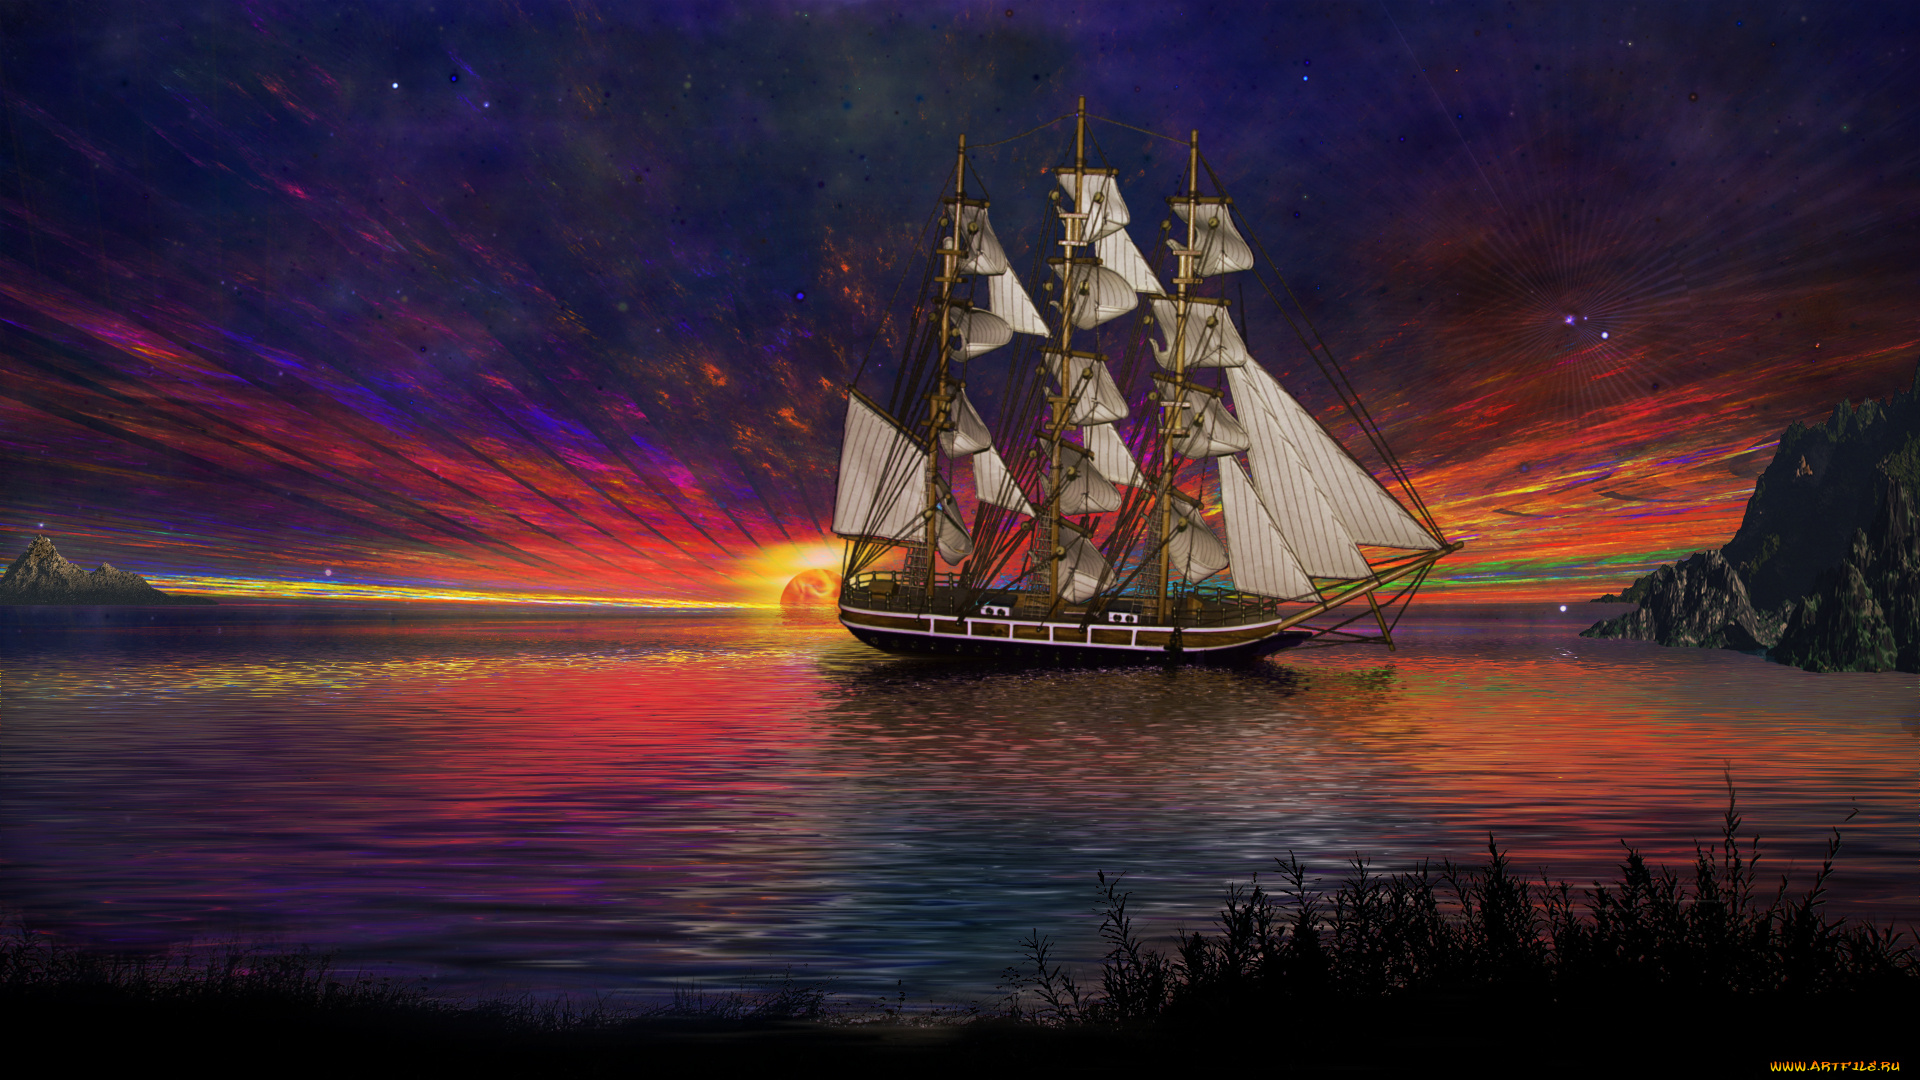 Санкт-Петербург корабль закат  № 3945056 загрузить